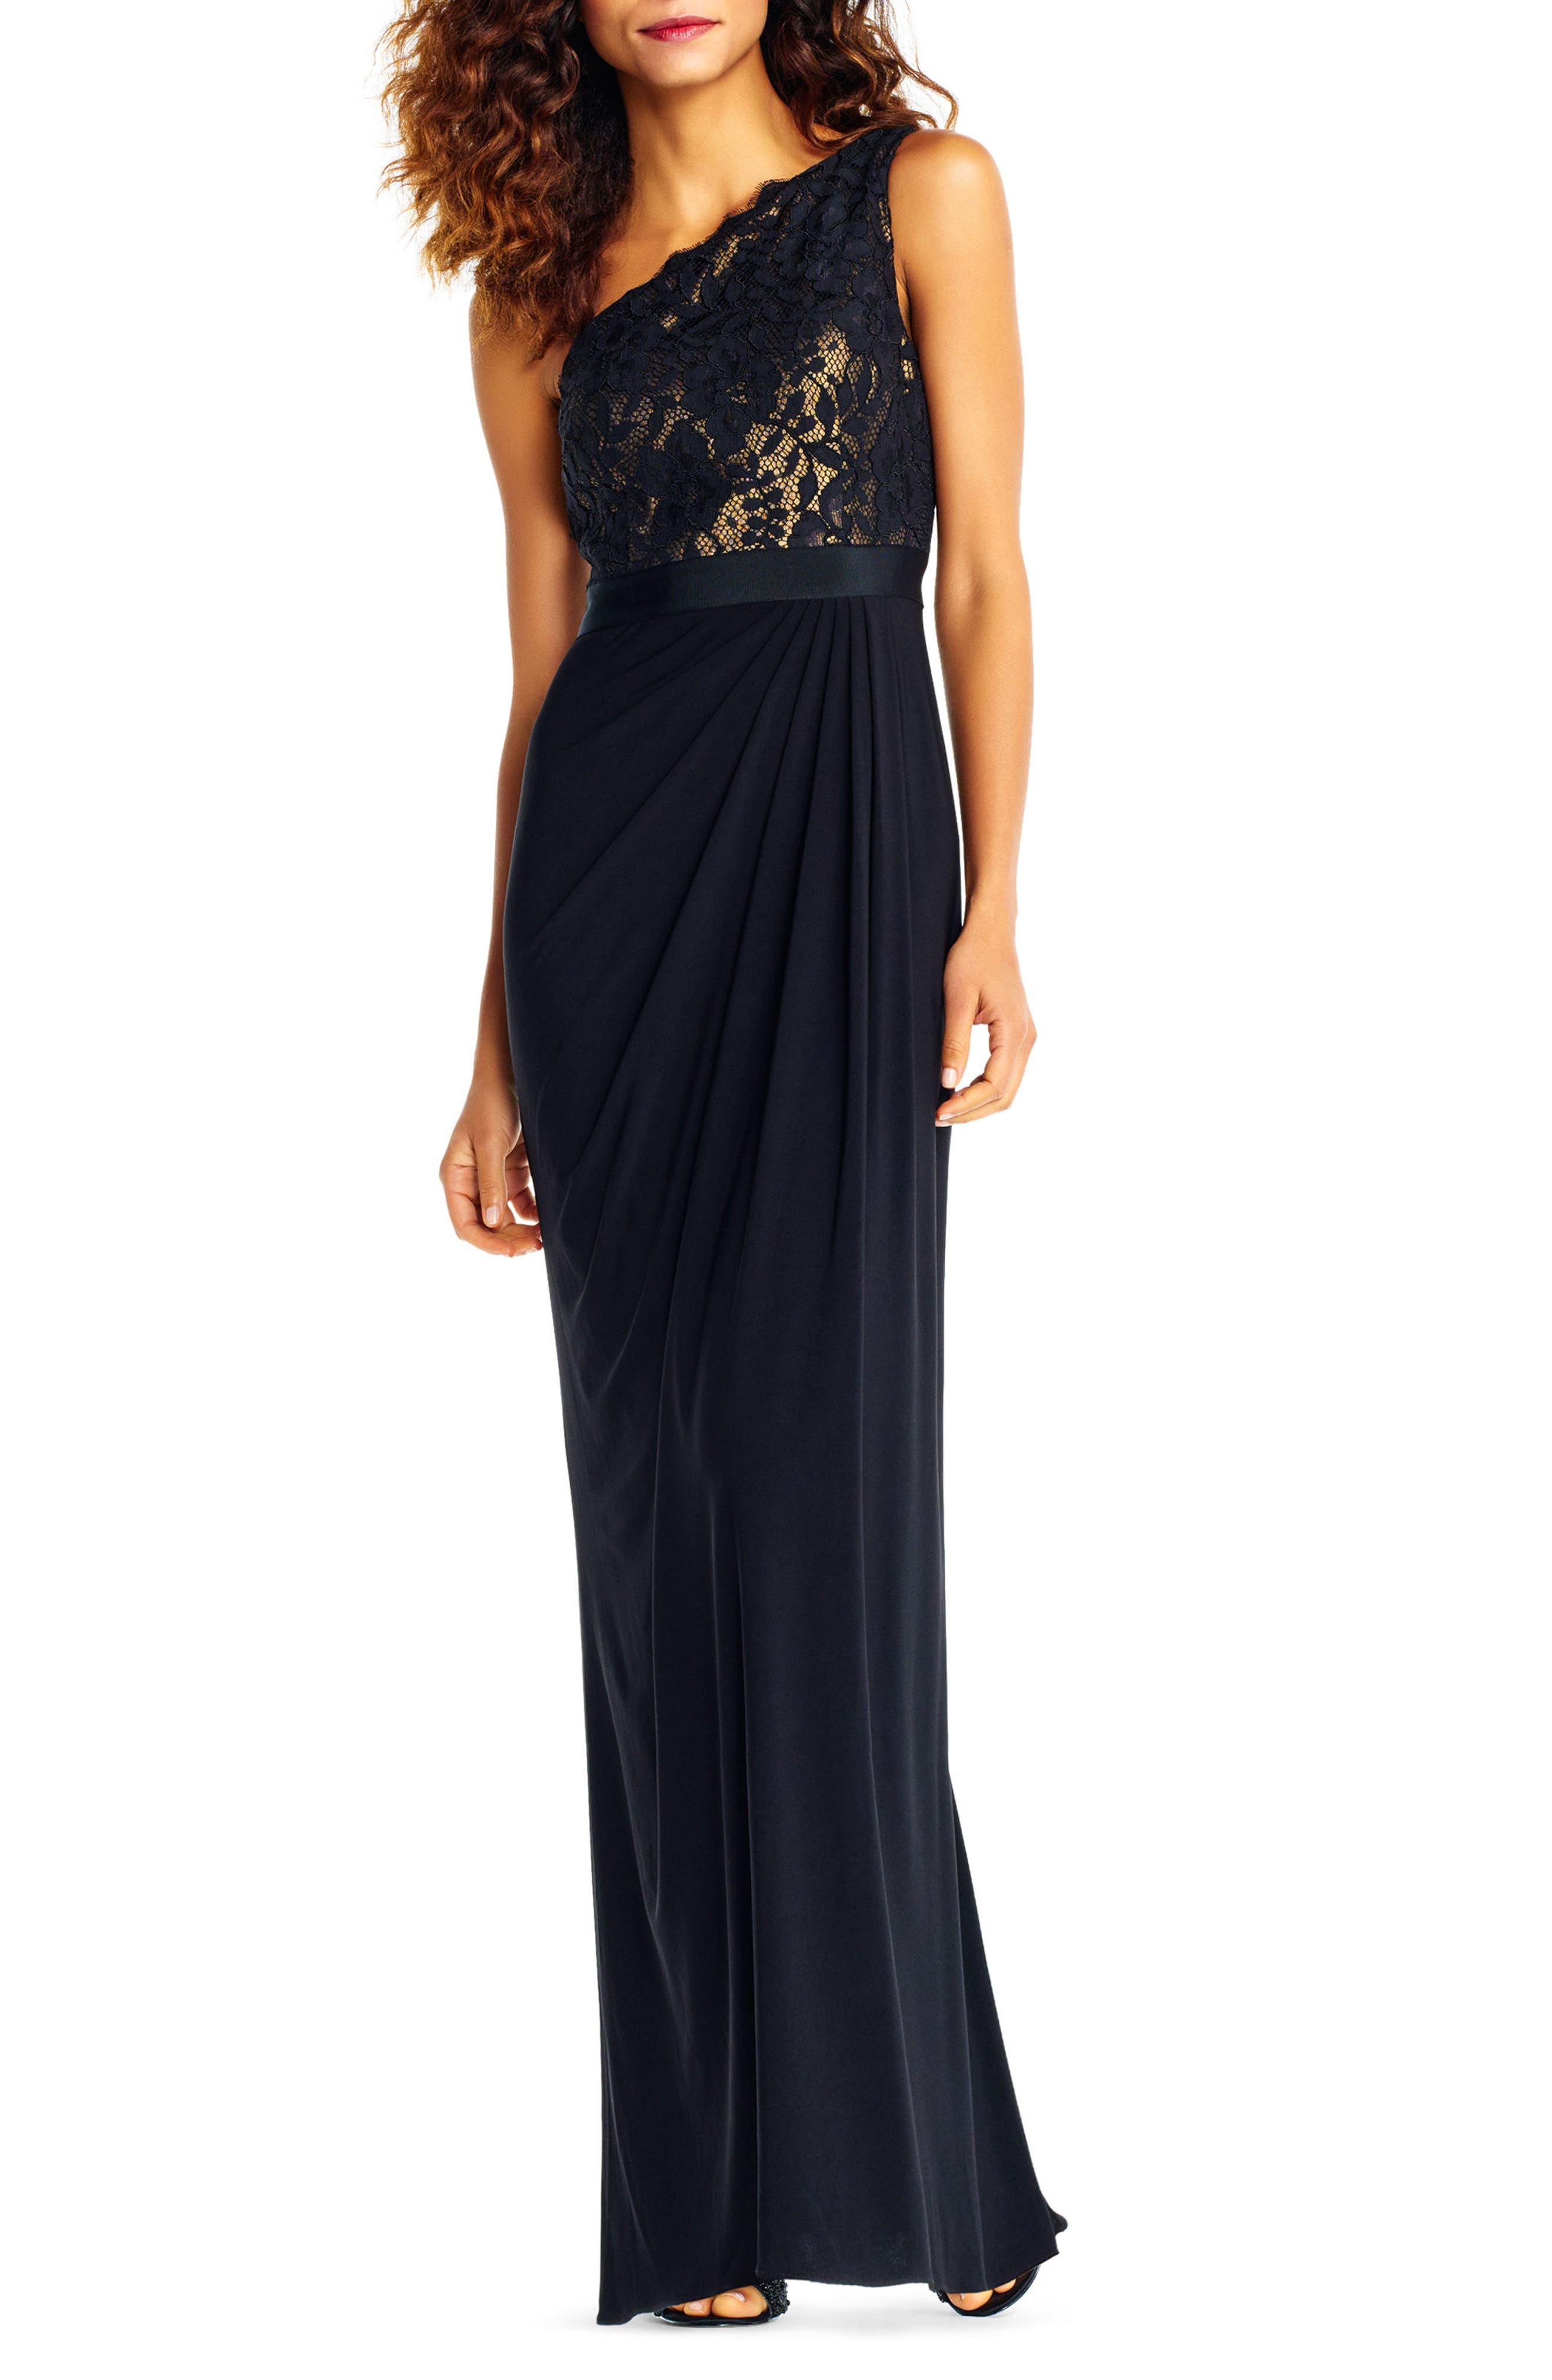 Lace One-Shoulder Gown,                         Main,                         color, Black/Copper